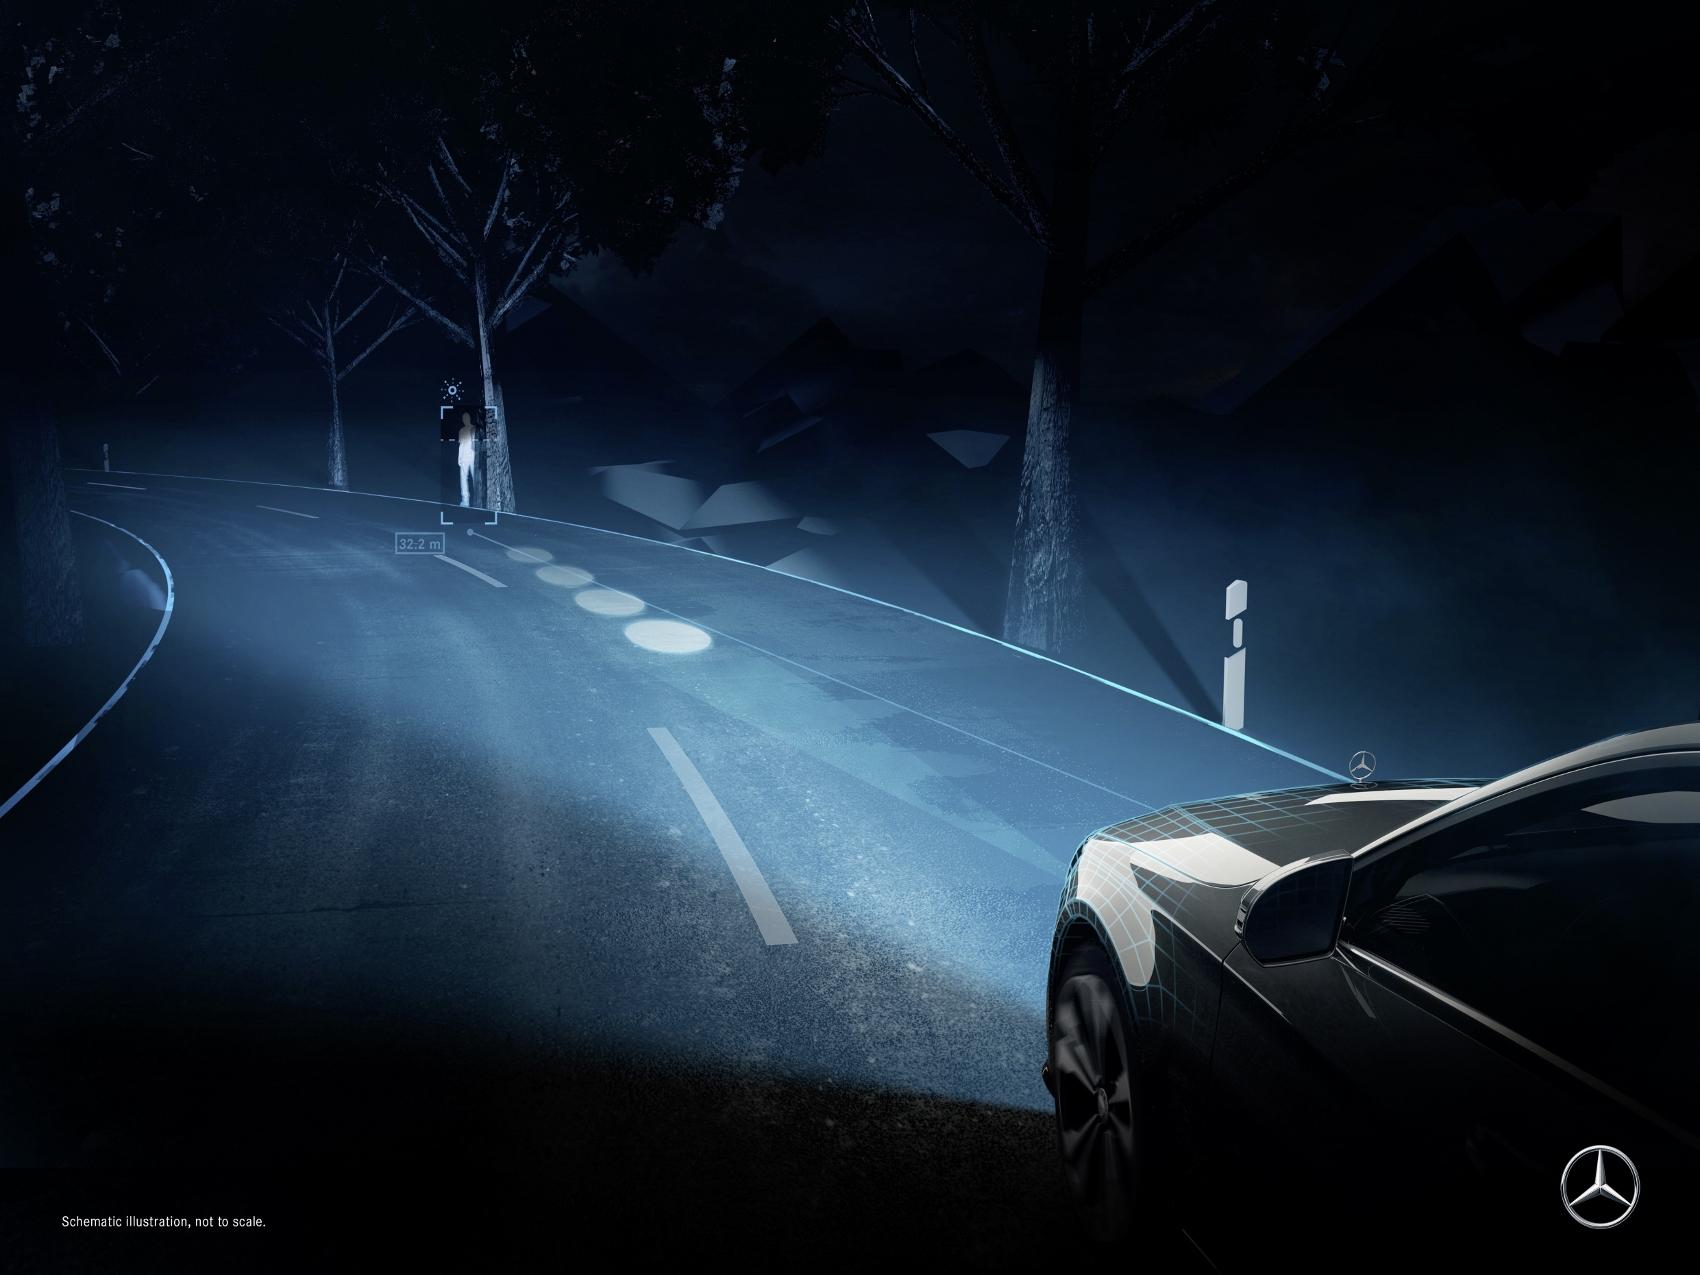 Nový Mercedes S je najpokročilejším Mercedesom v histórii dsmE4yGbIO 20c0431002-1700x1275